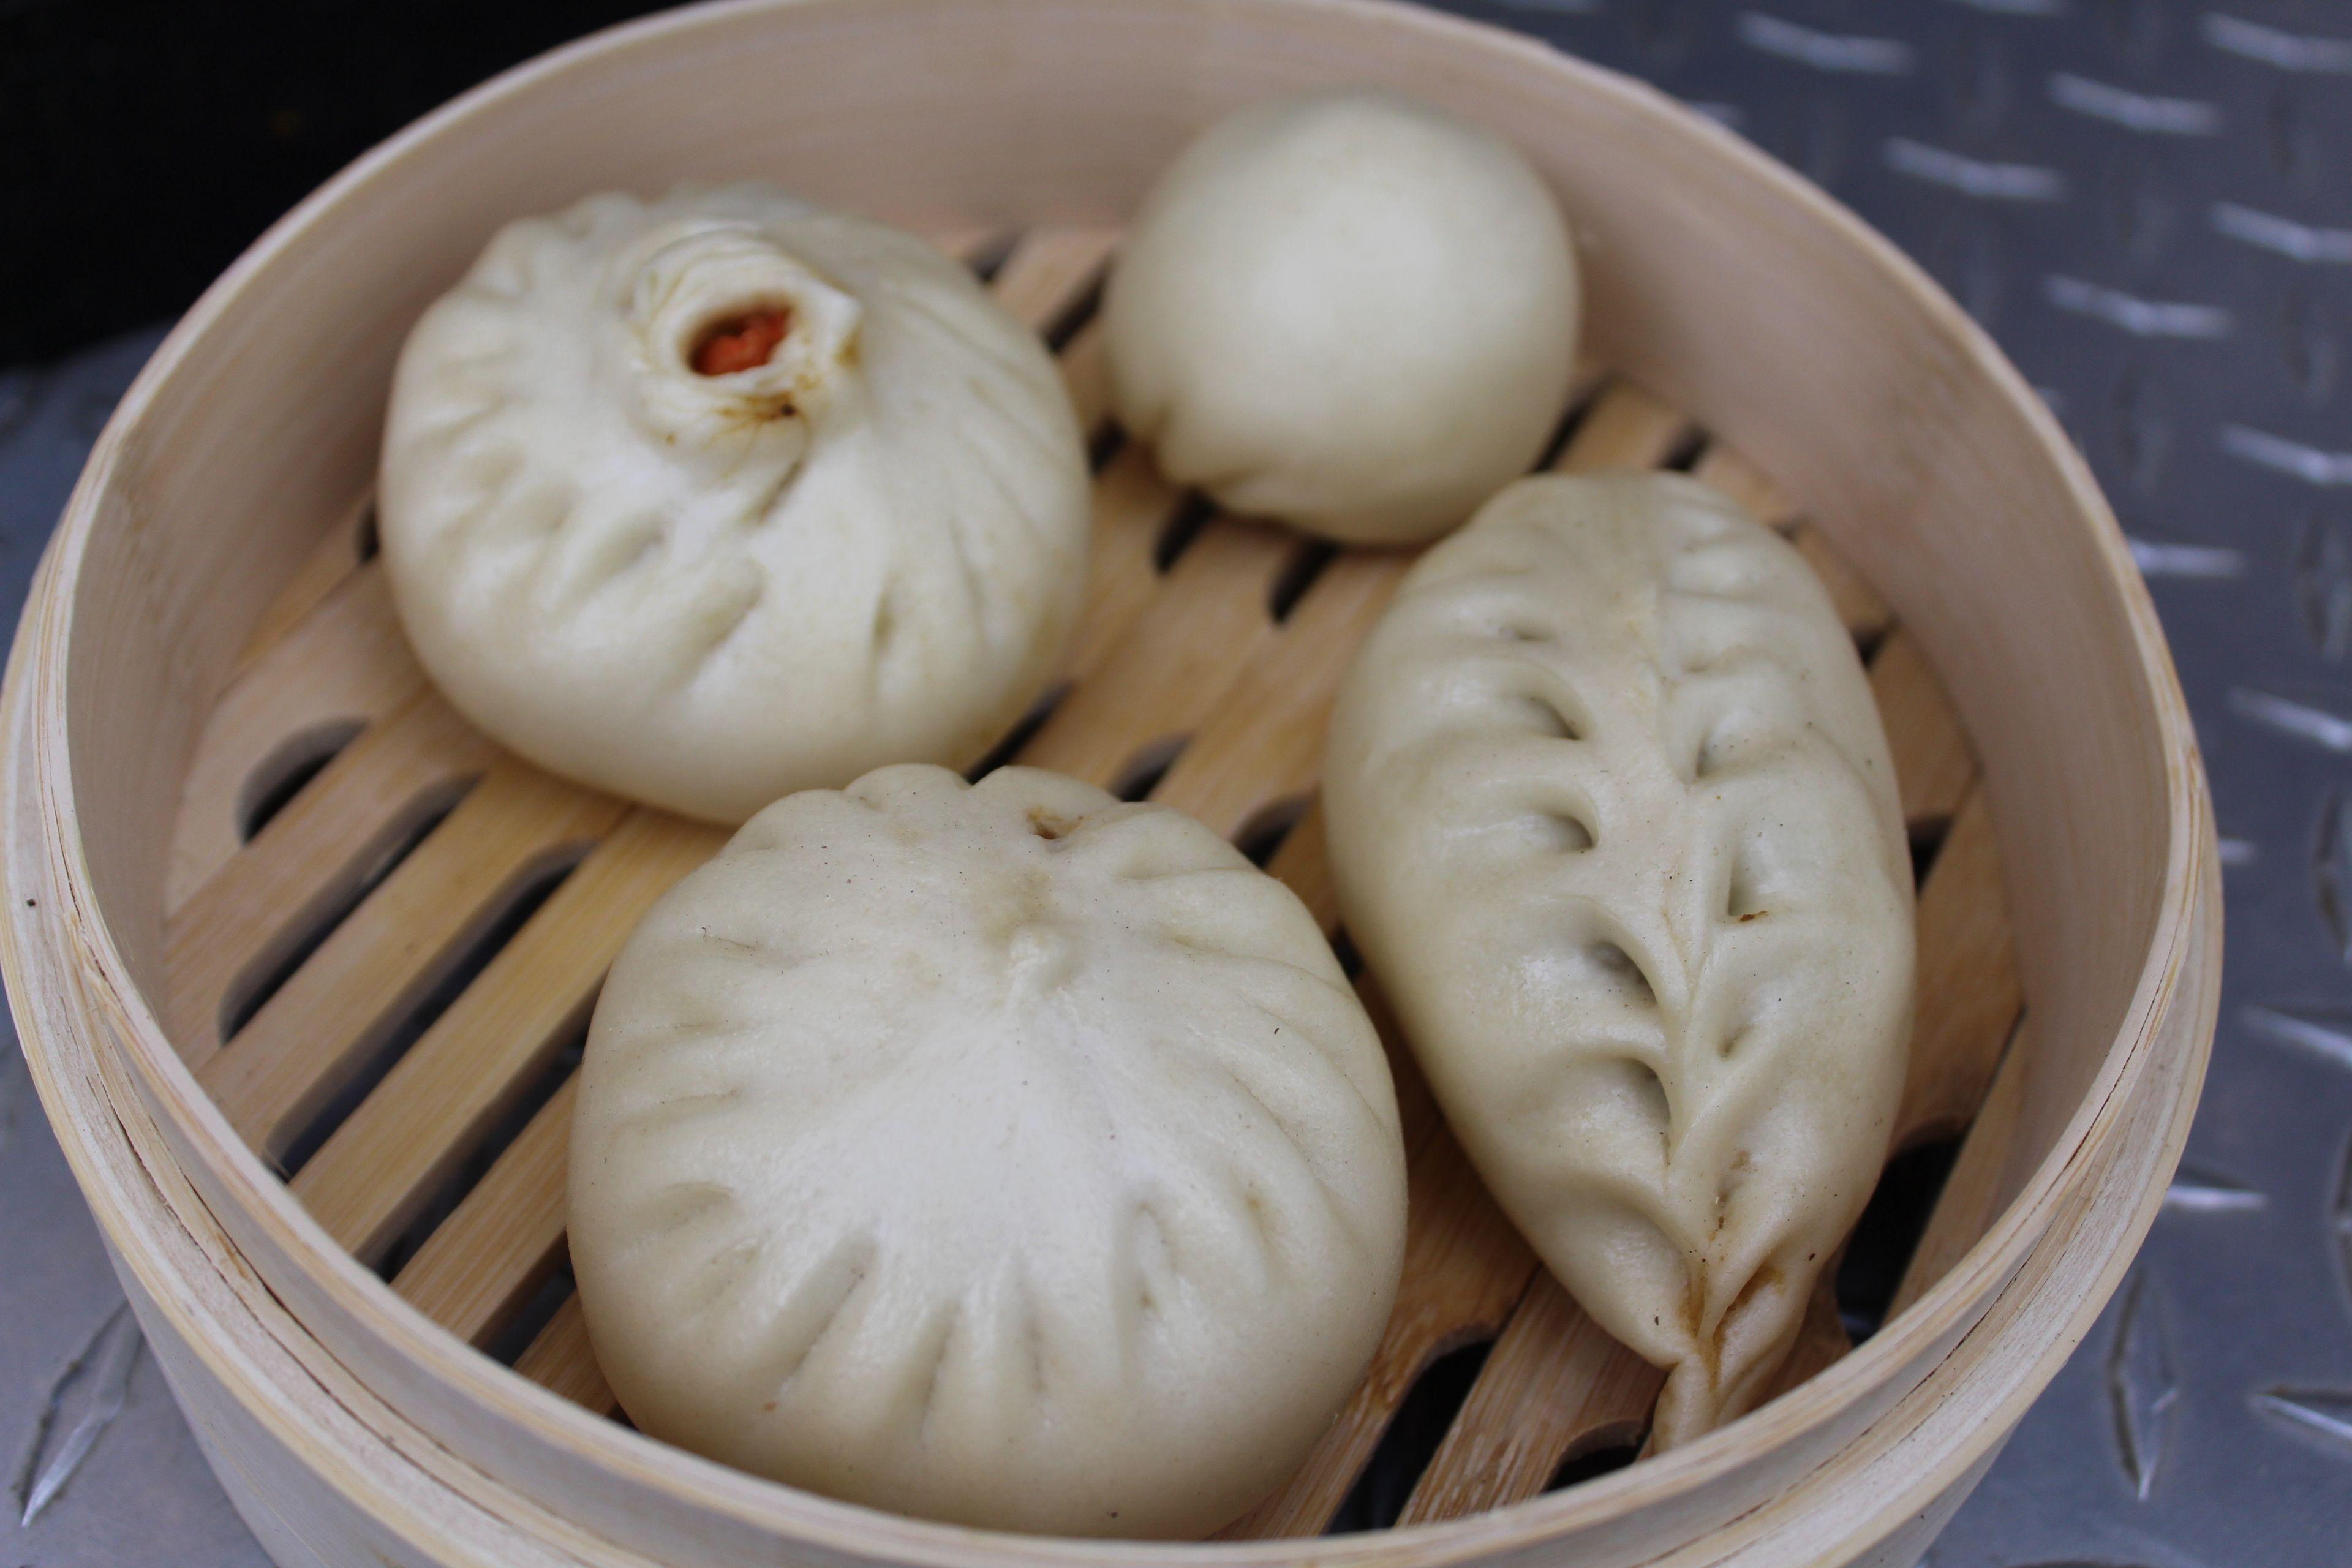 Dumplings in Portland